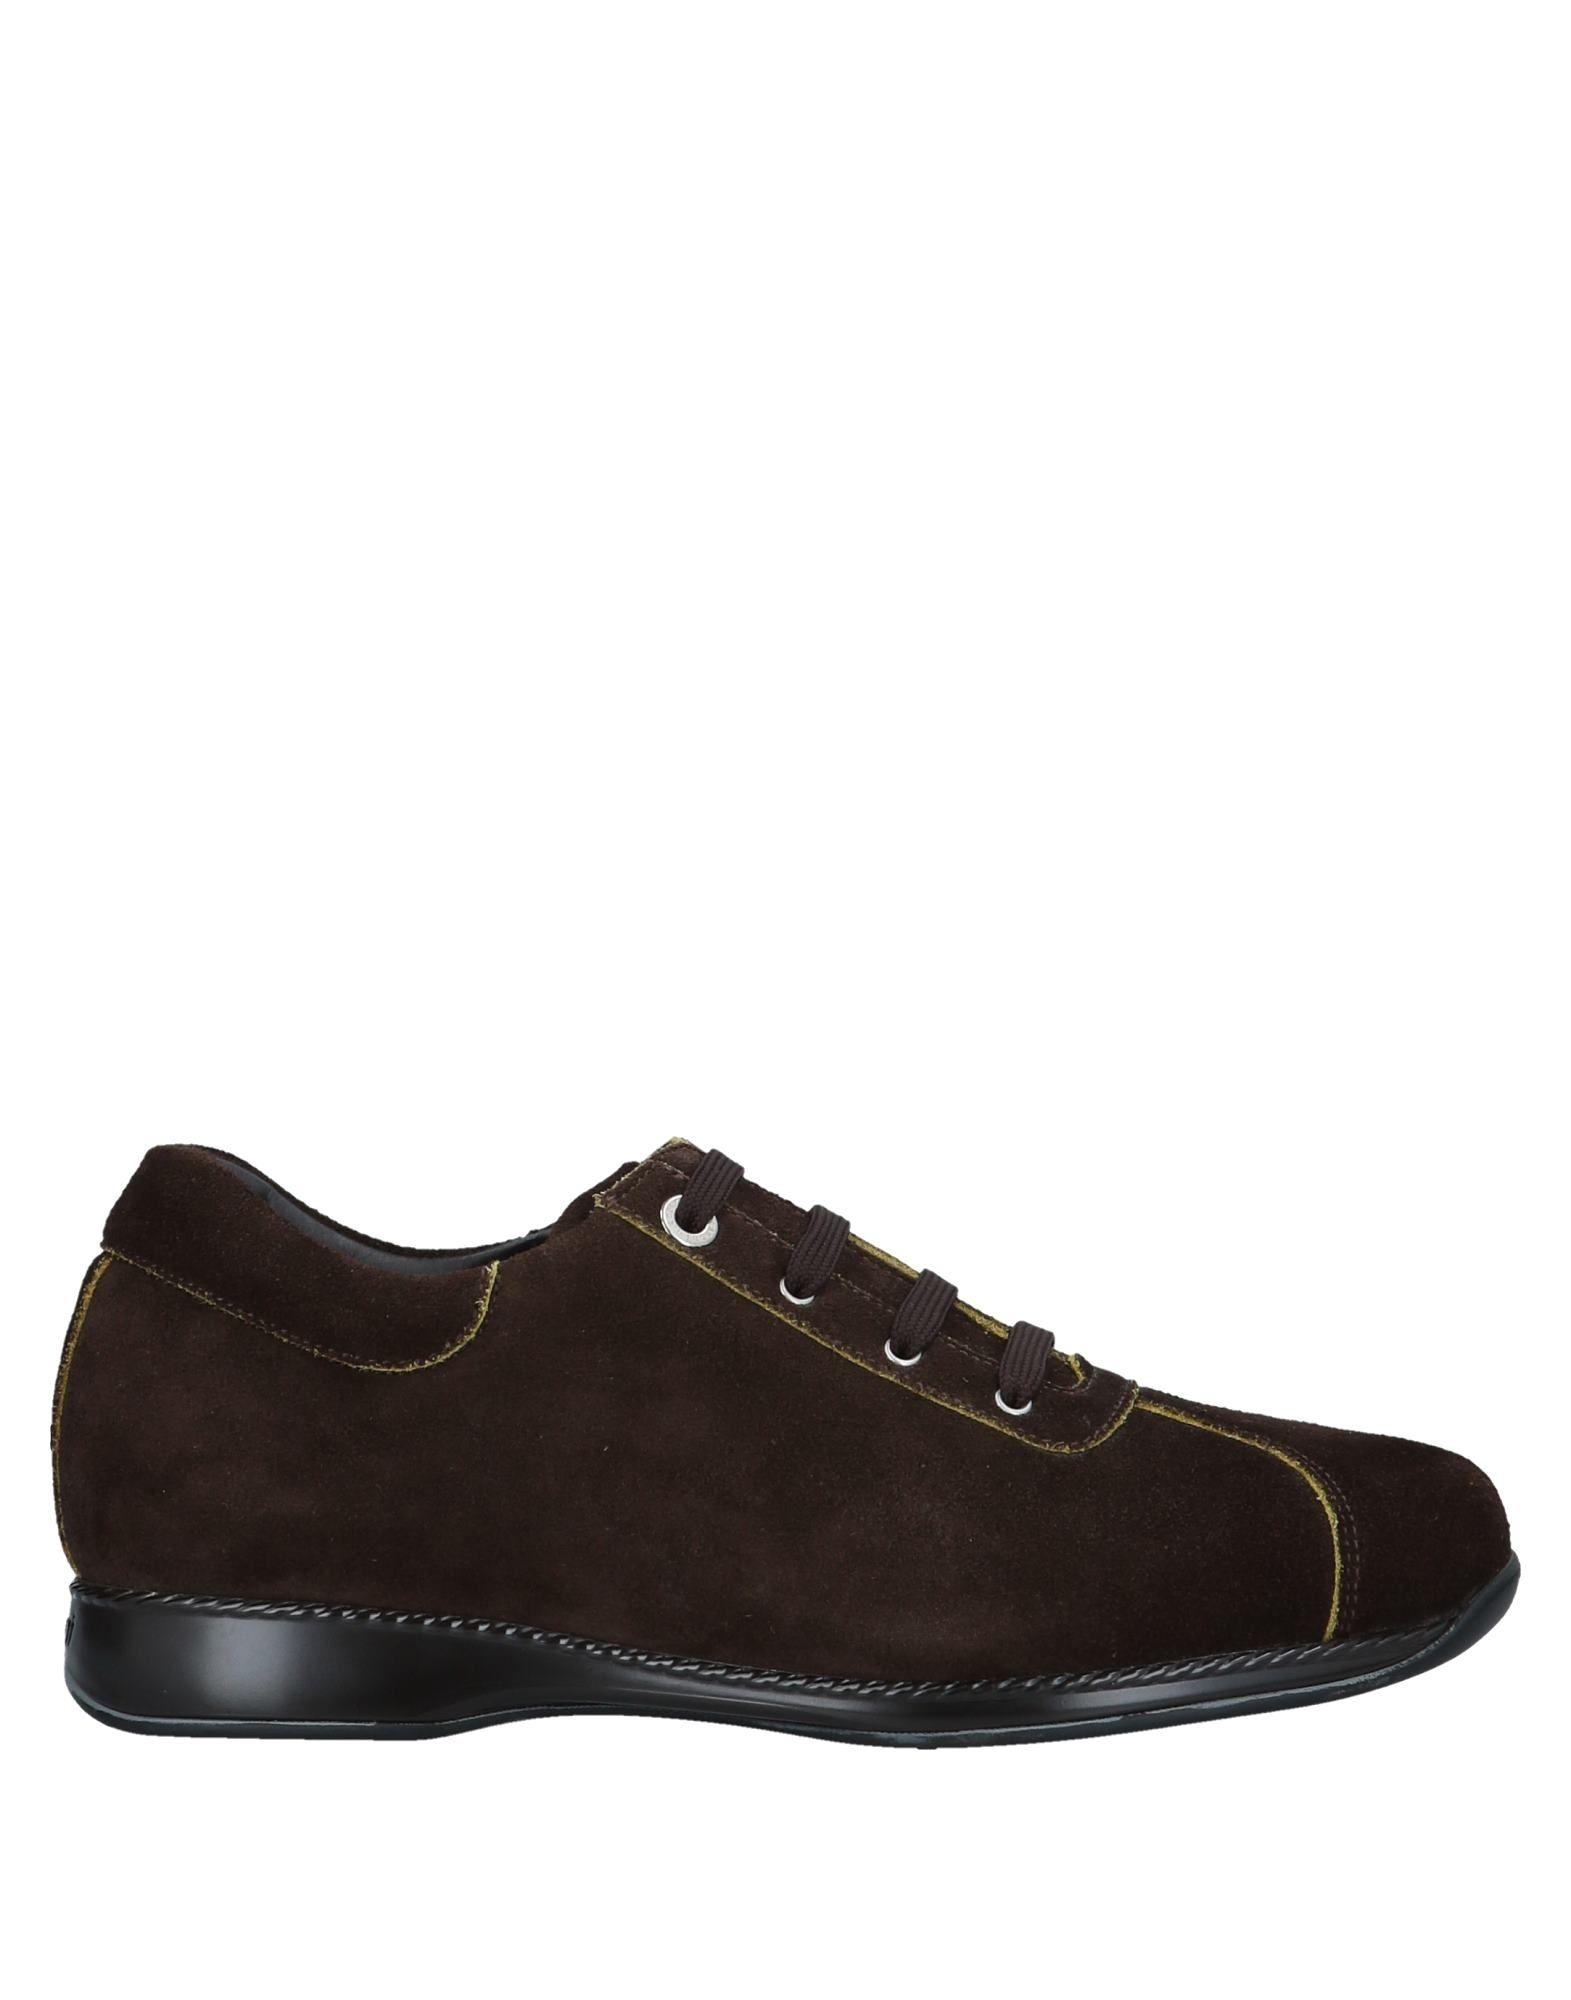 Sneakers A.Testoni Uomo - 11542489VL Scarpe economiche e buone